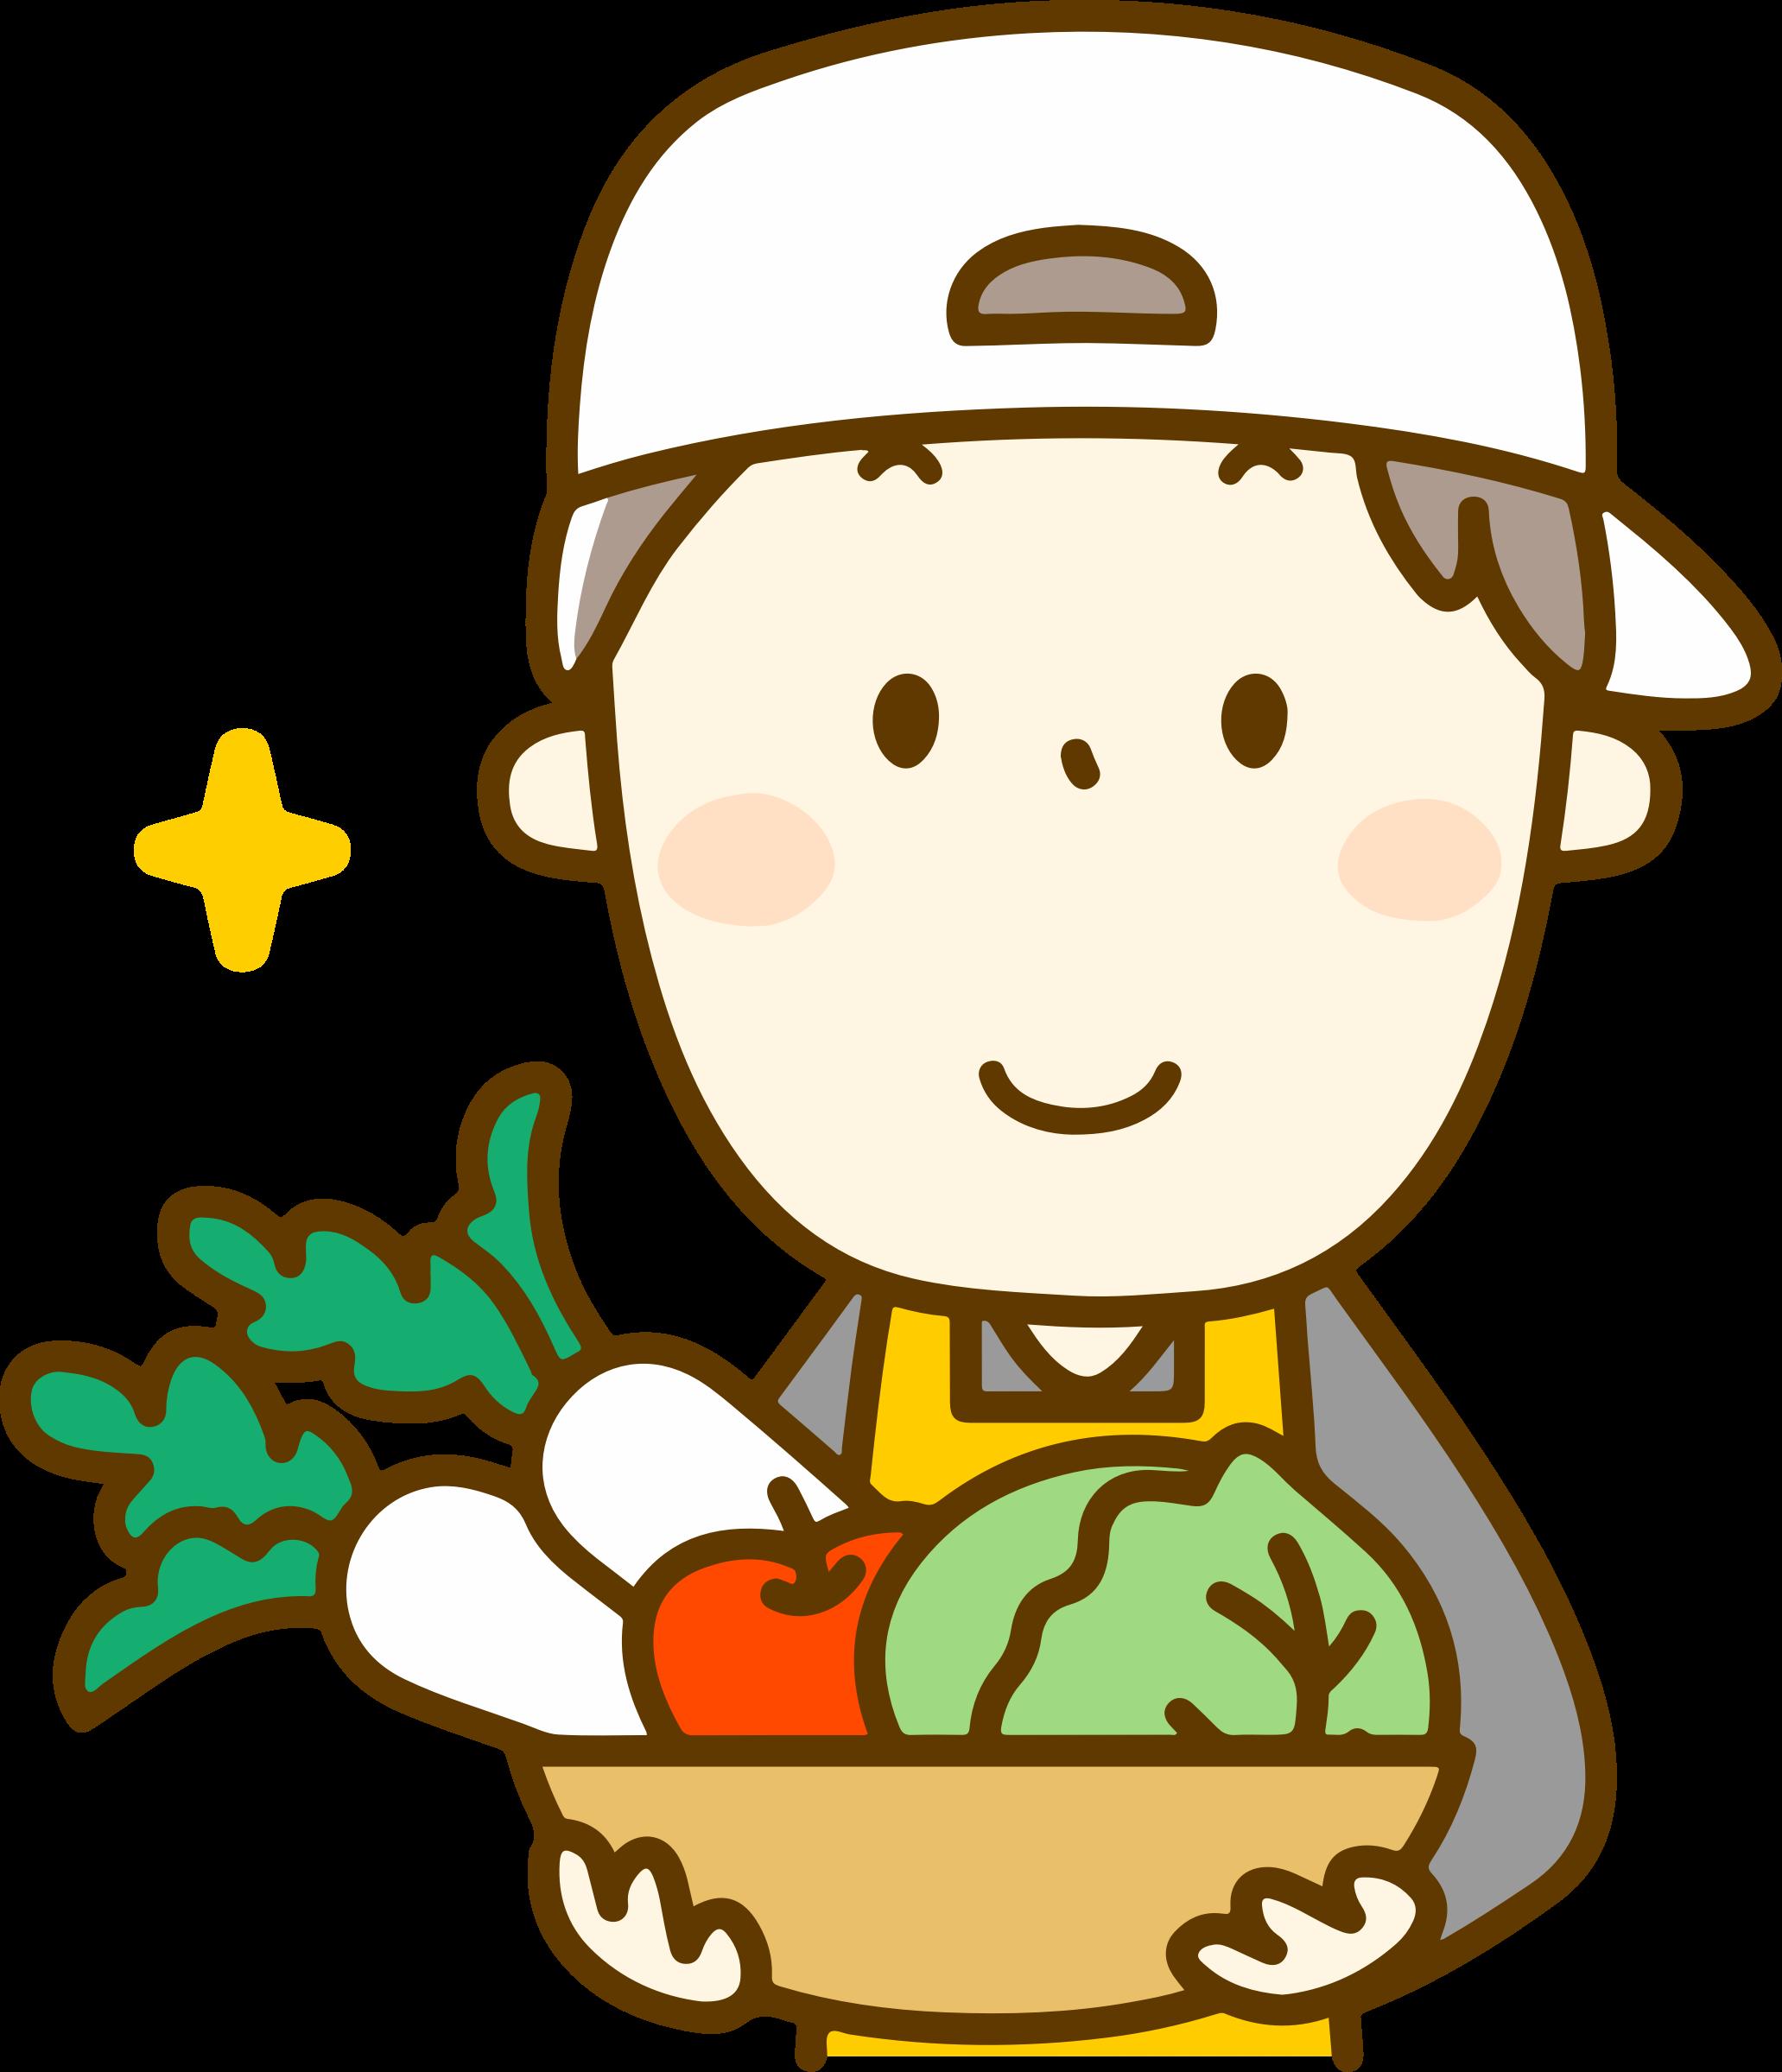 Vegetables clipart grocer. Green big image png